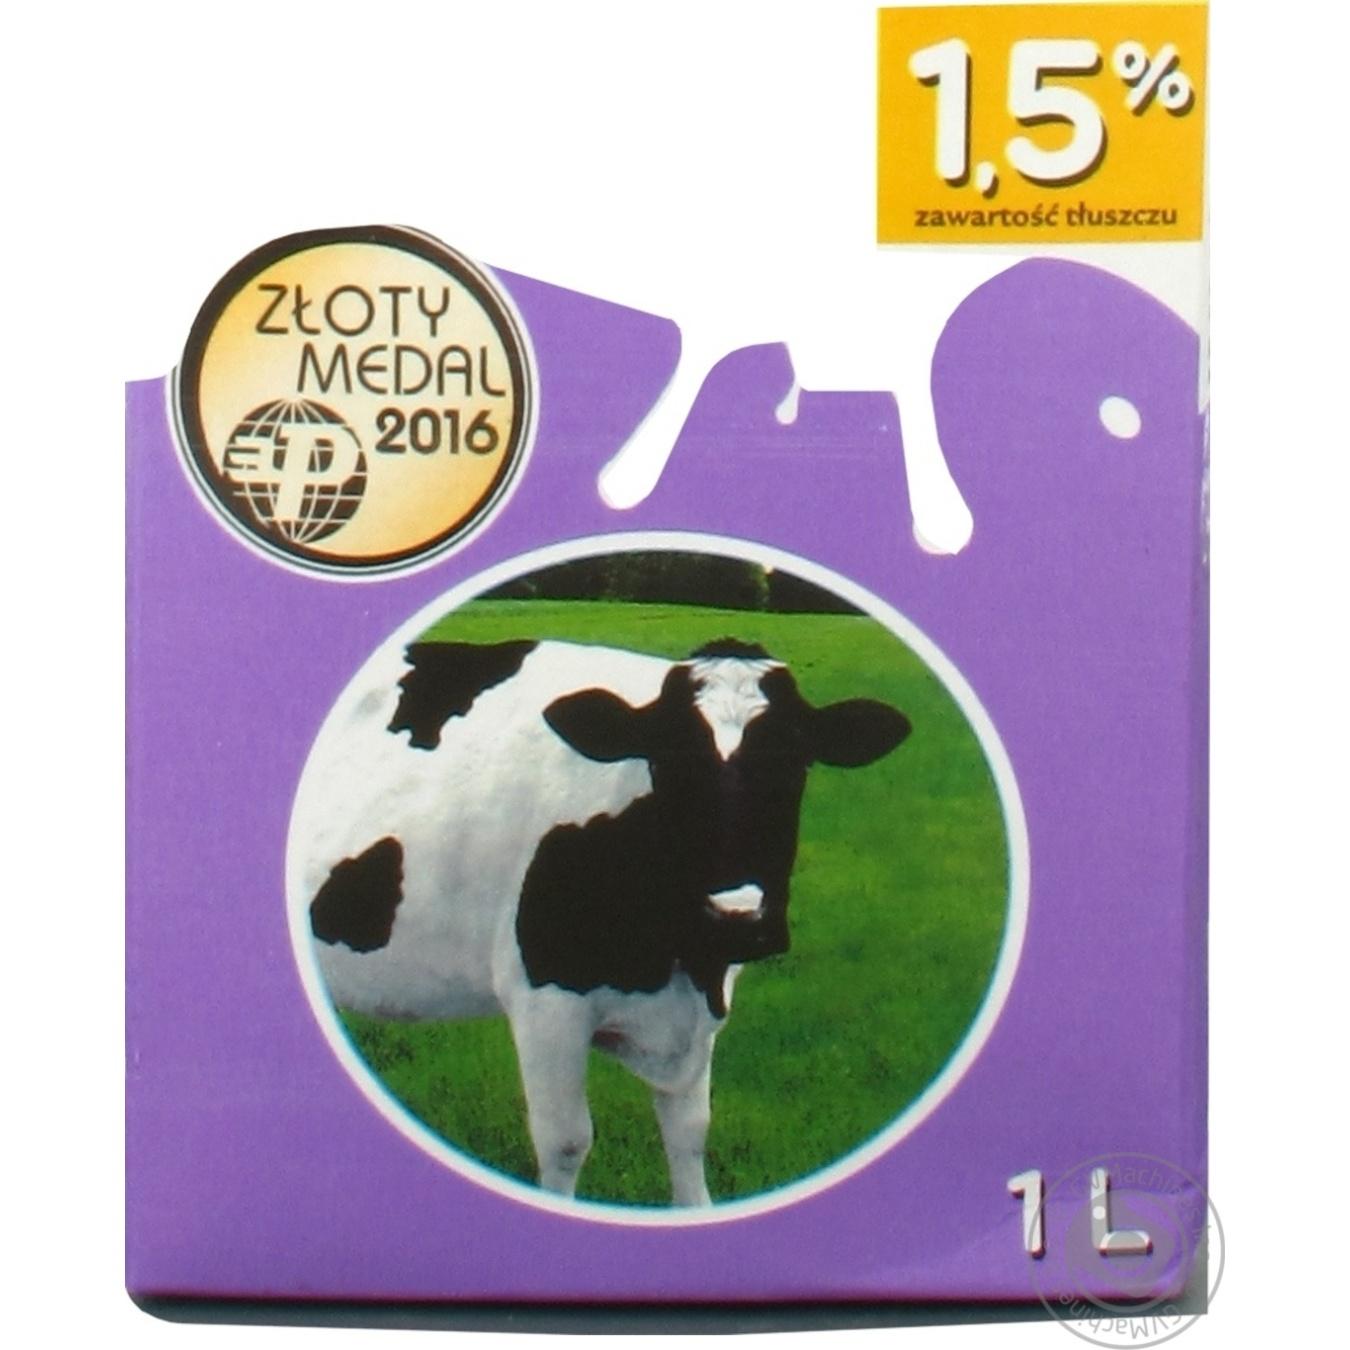 Купить Молоко Mlekovita безлактозное 1, 5% 1000мл